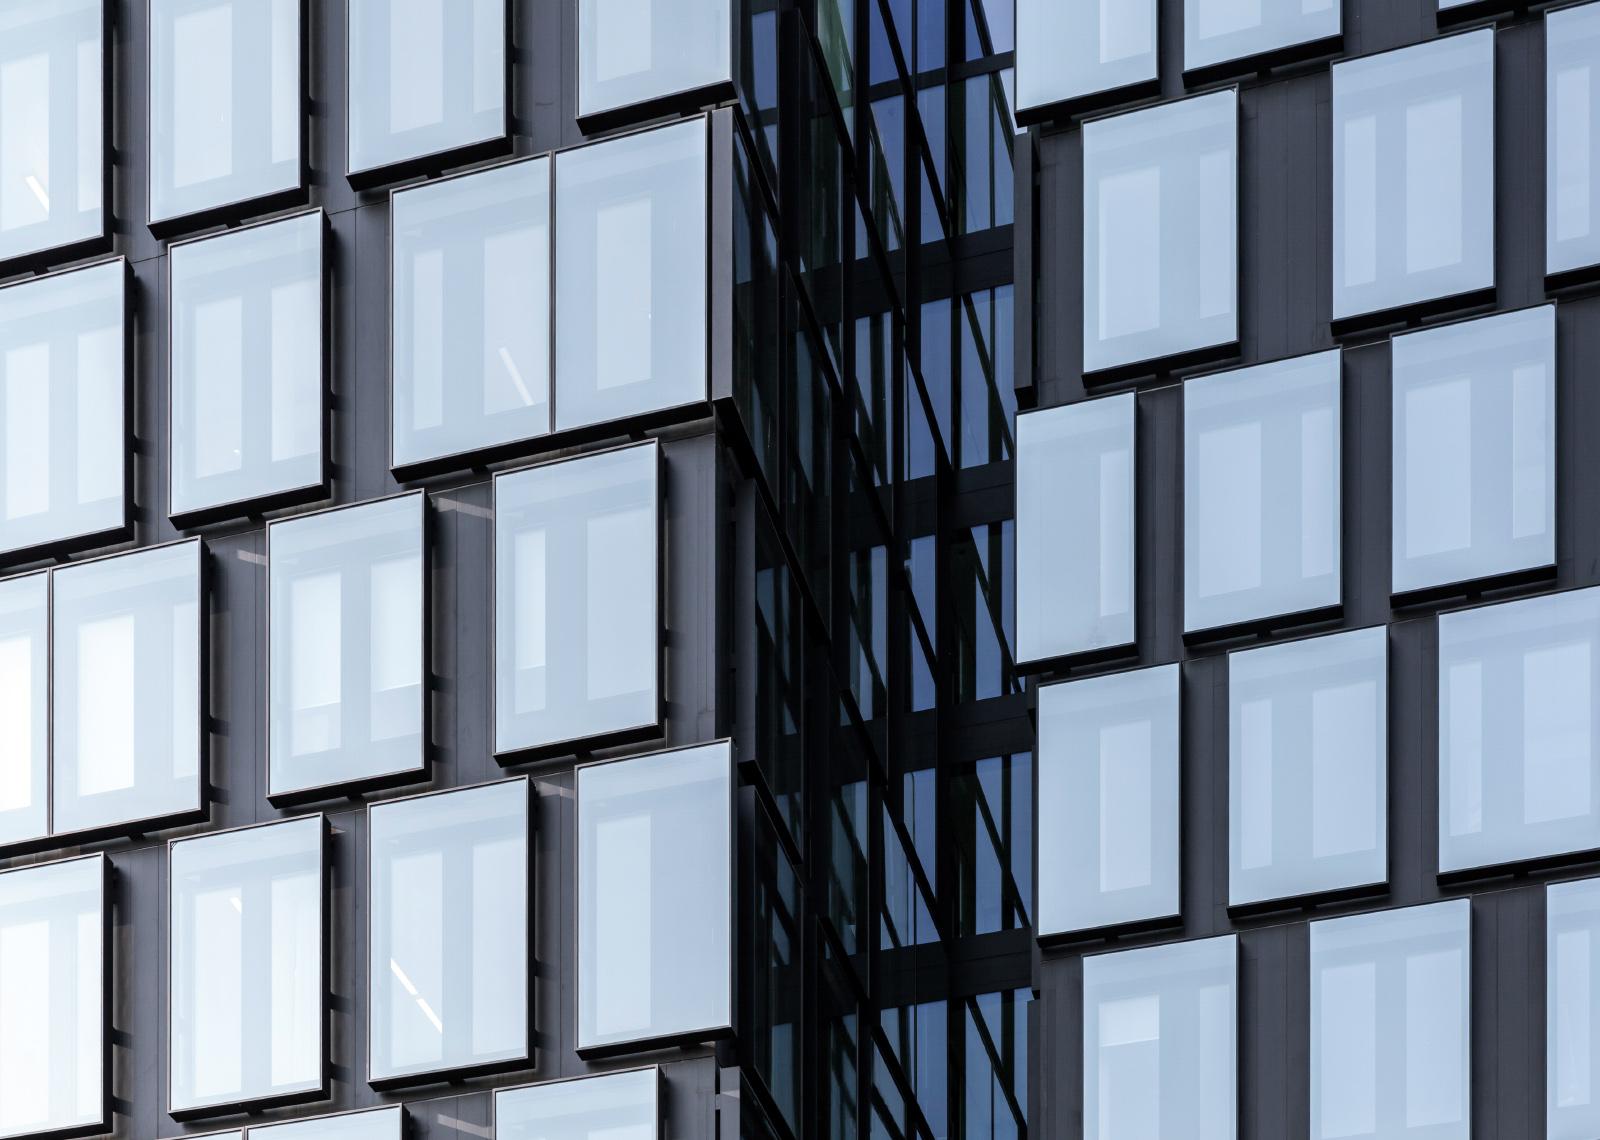 Bild: http://telesniuk.com/ffm/SAP-3_s.jpg